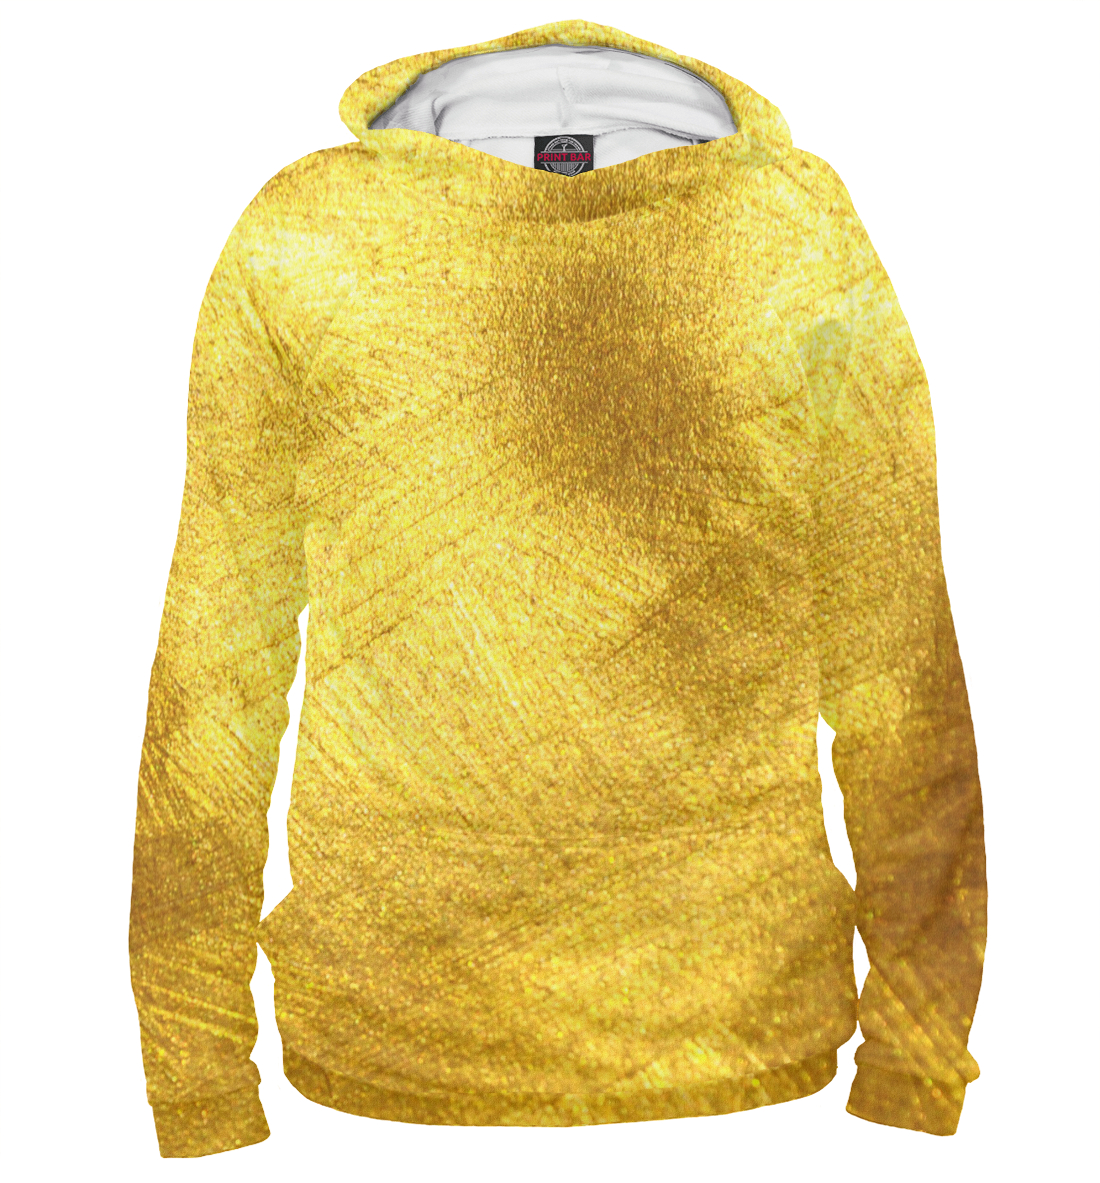 Купить Золото, Printbar, Худи, APD-208296-hud-2